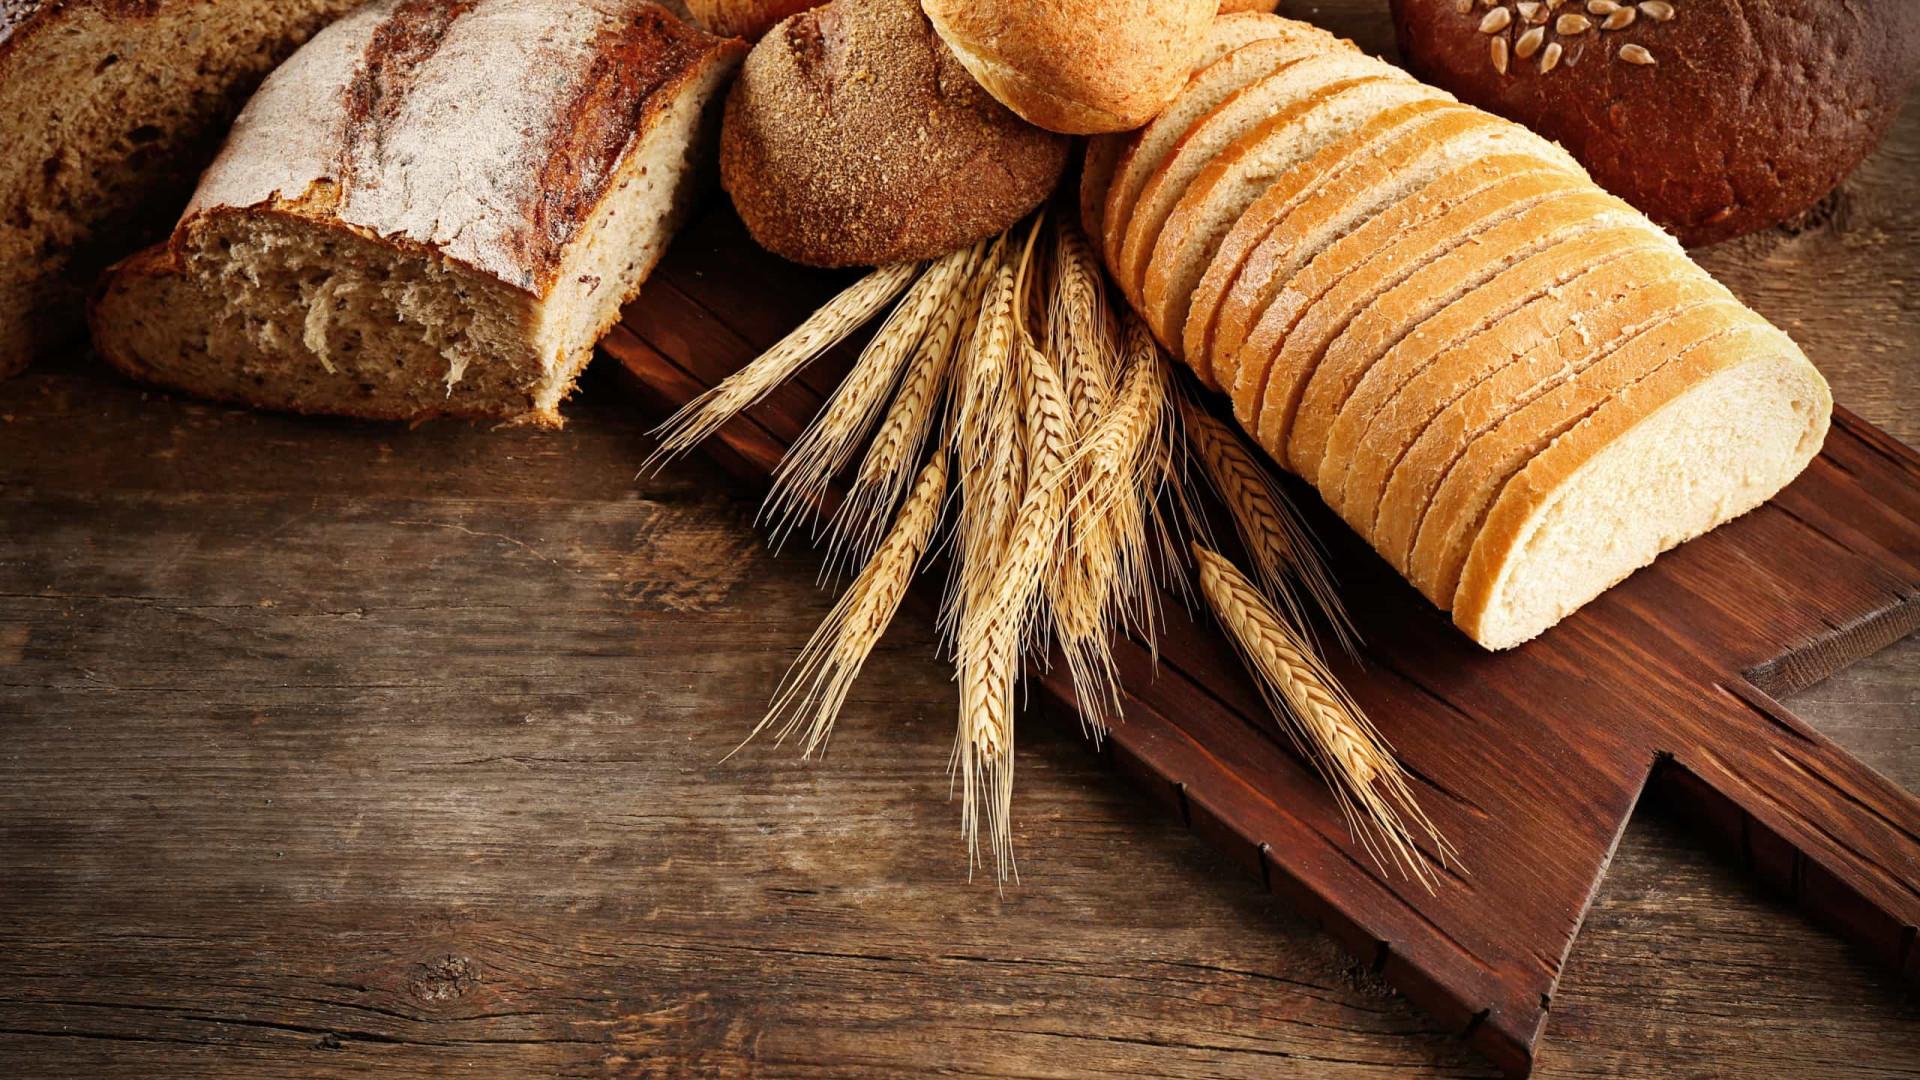 Aprenda alguns truques para conservar melhor o pão